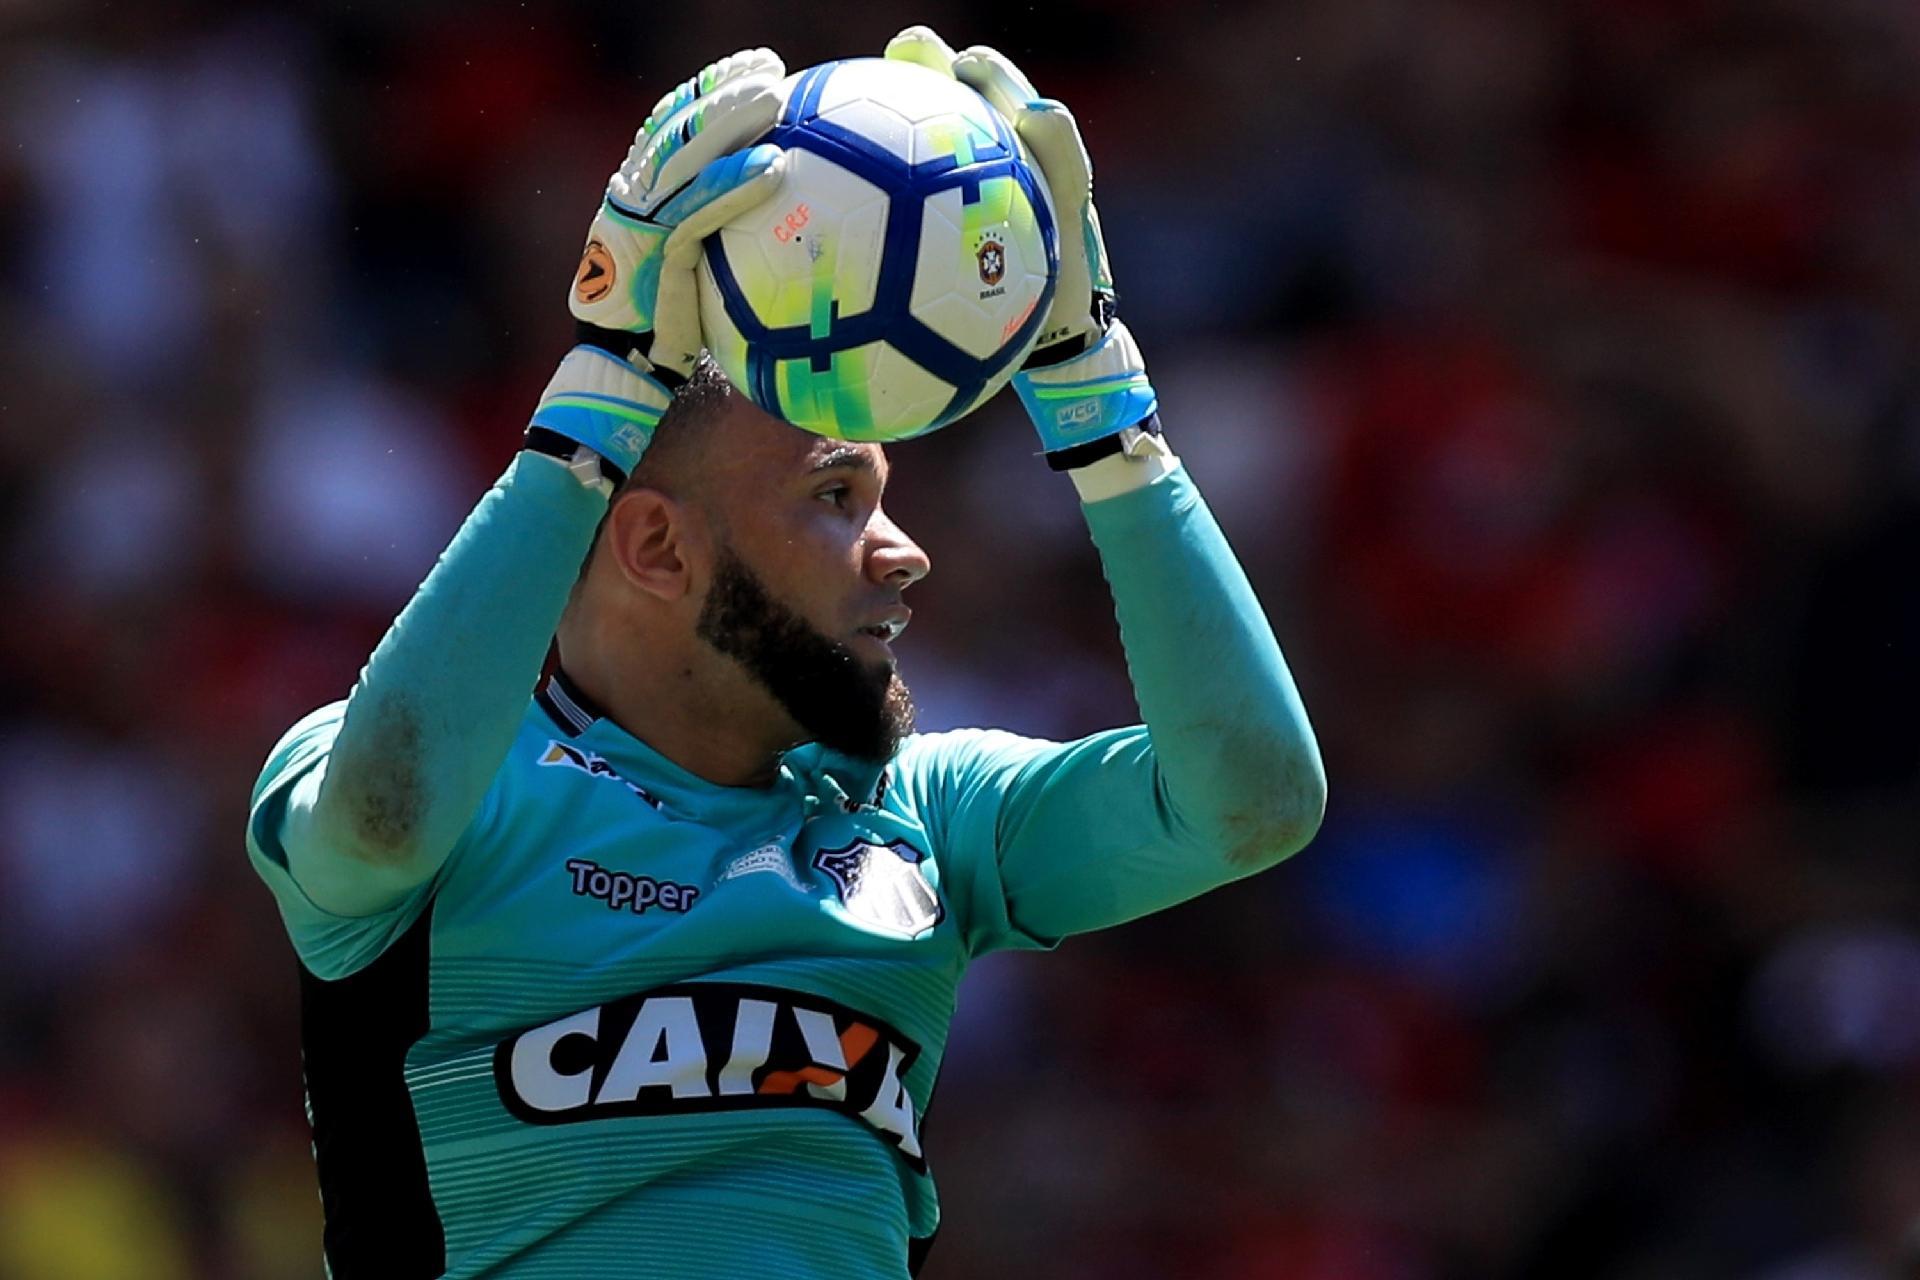 bec7a3ad94 Mercado da bola  Santos anuncia Éverson e Cruzeiro admite interesse em Keno  - 24 01 2019 - UOL Esporte